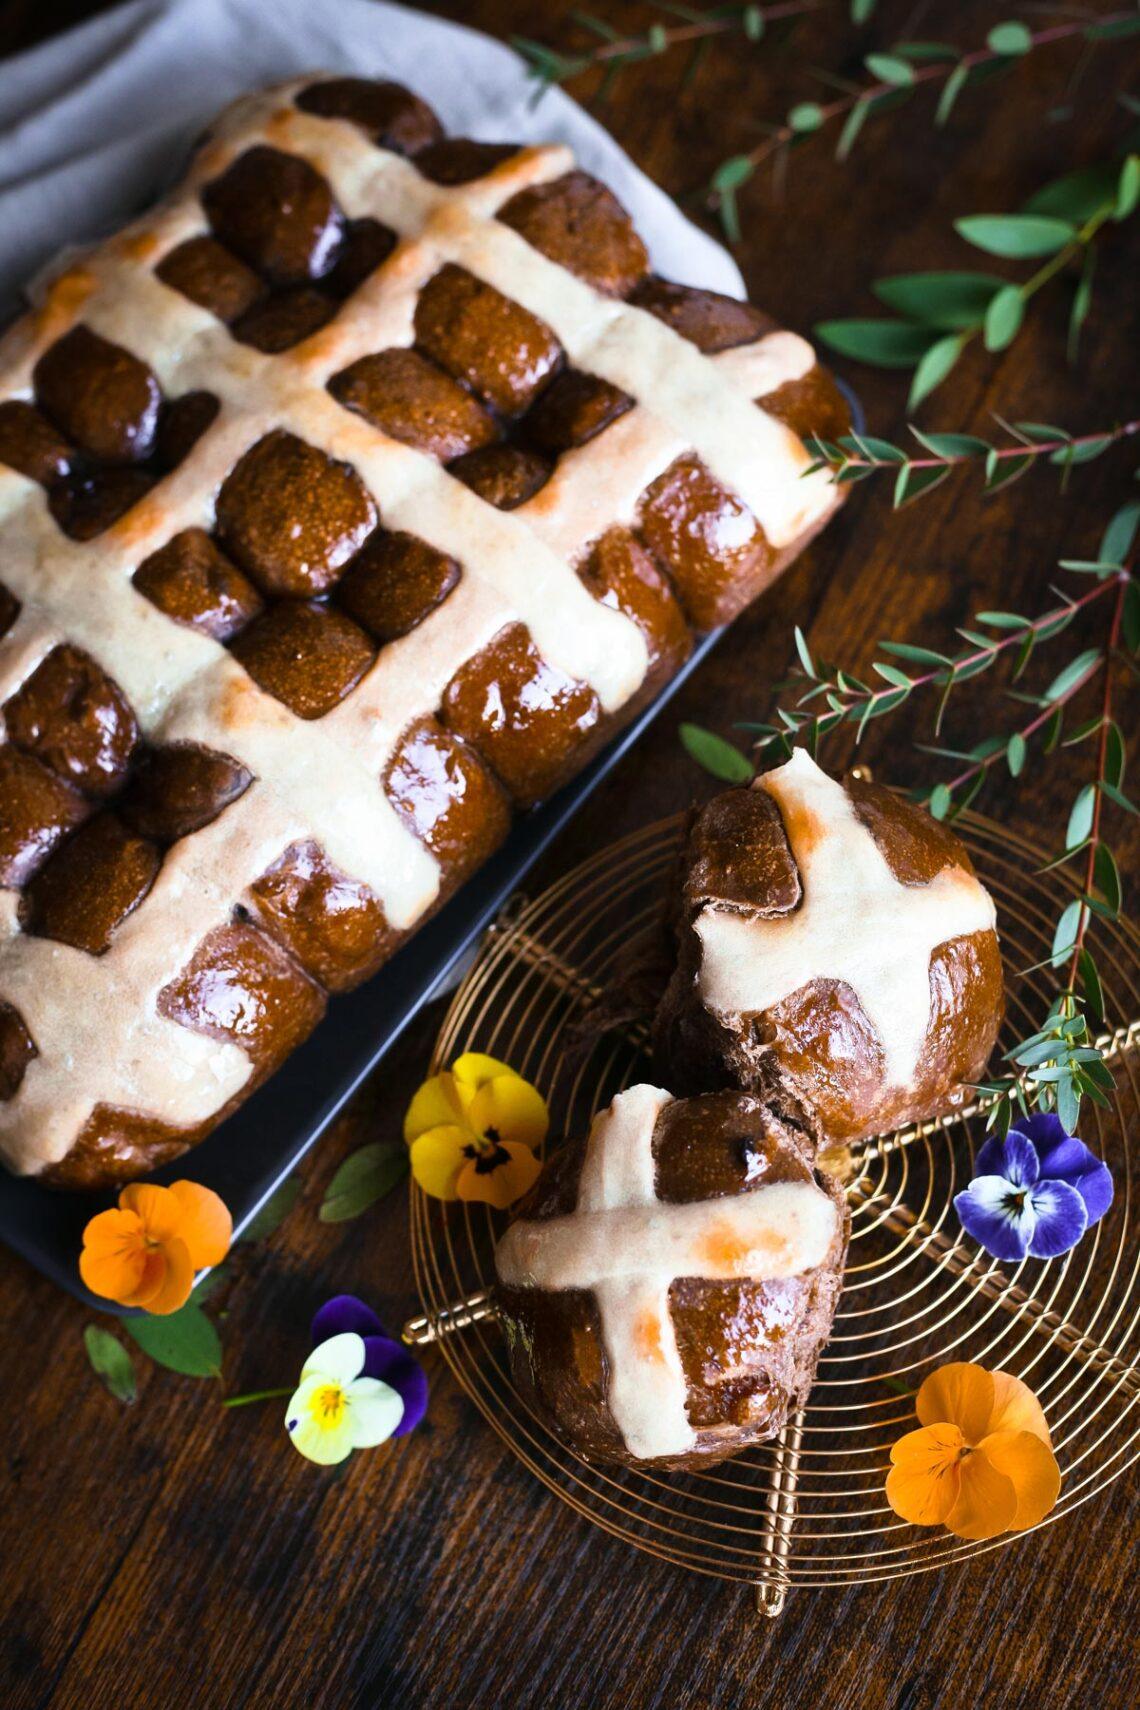 Шоколадные кросс баны на закваске пекаря Mykola Nevrev на сайте кулинарии фуд-блогера Марии Каленской